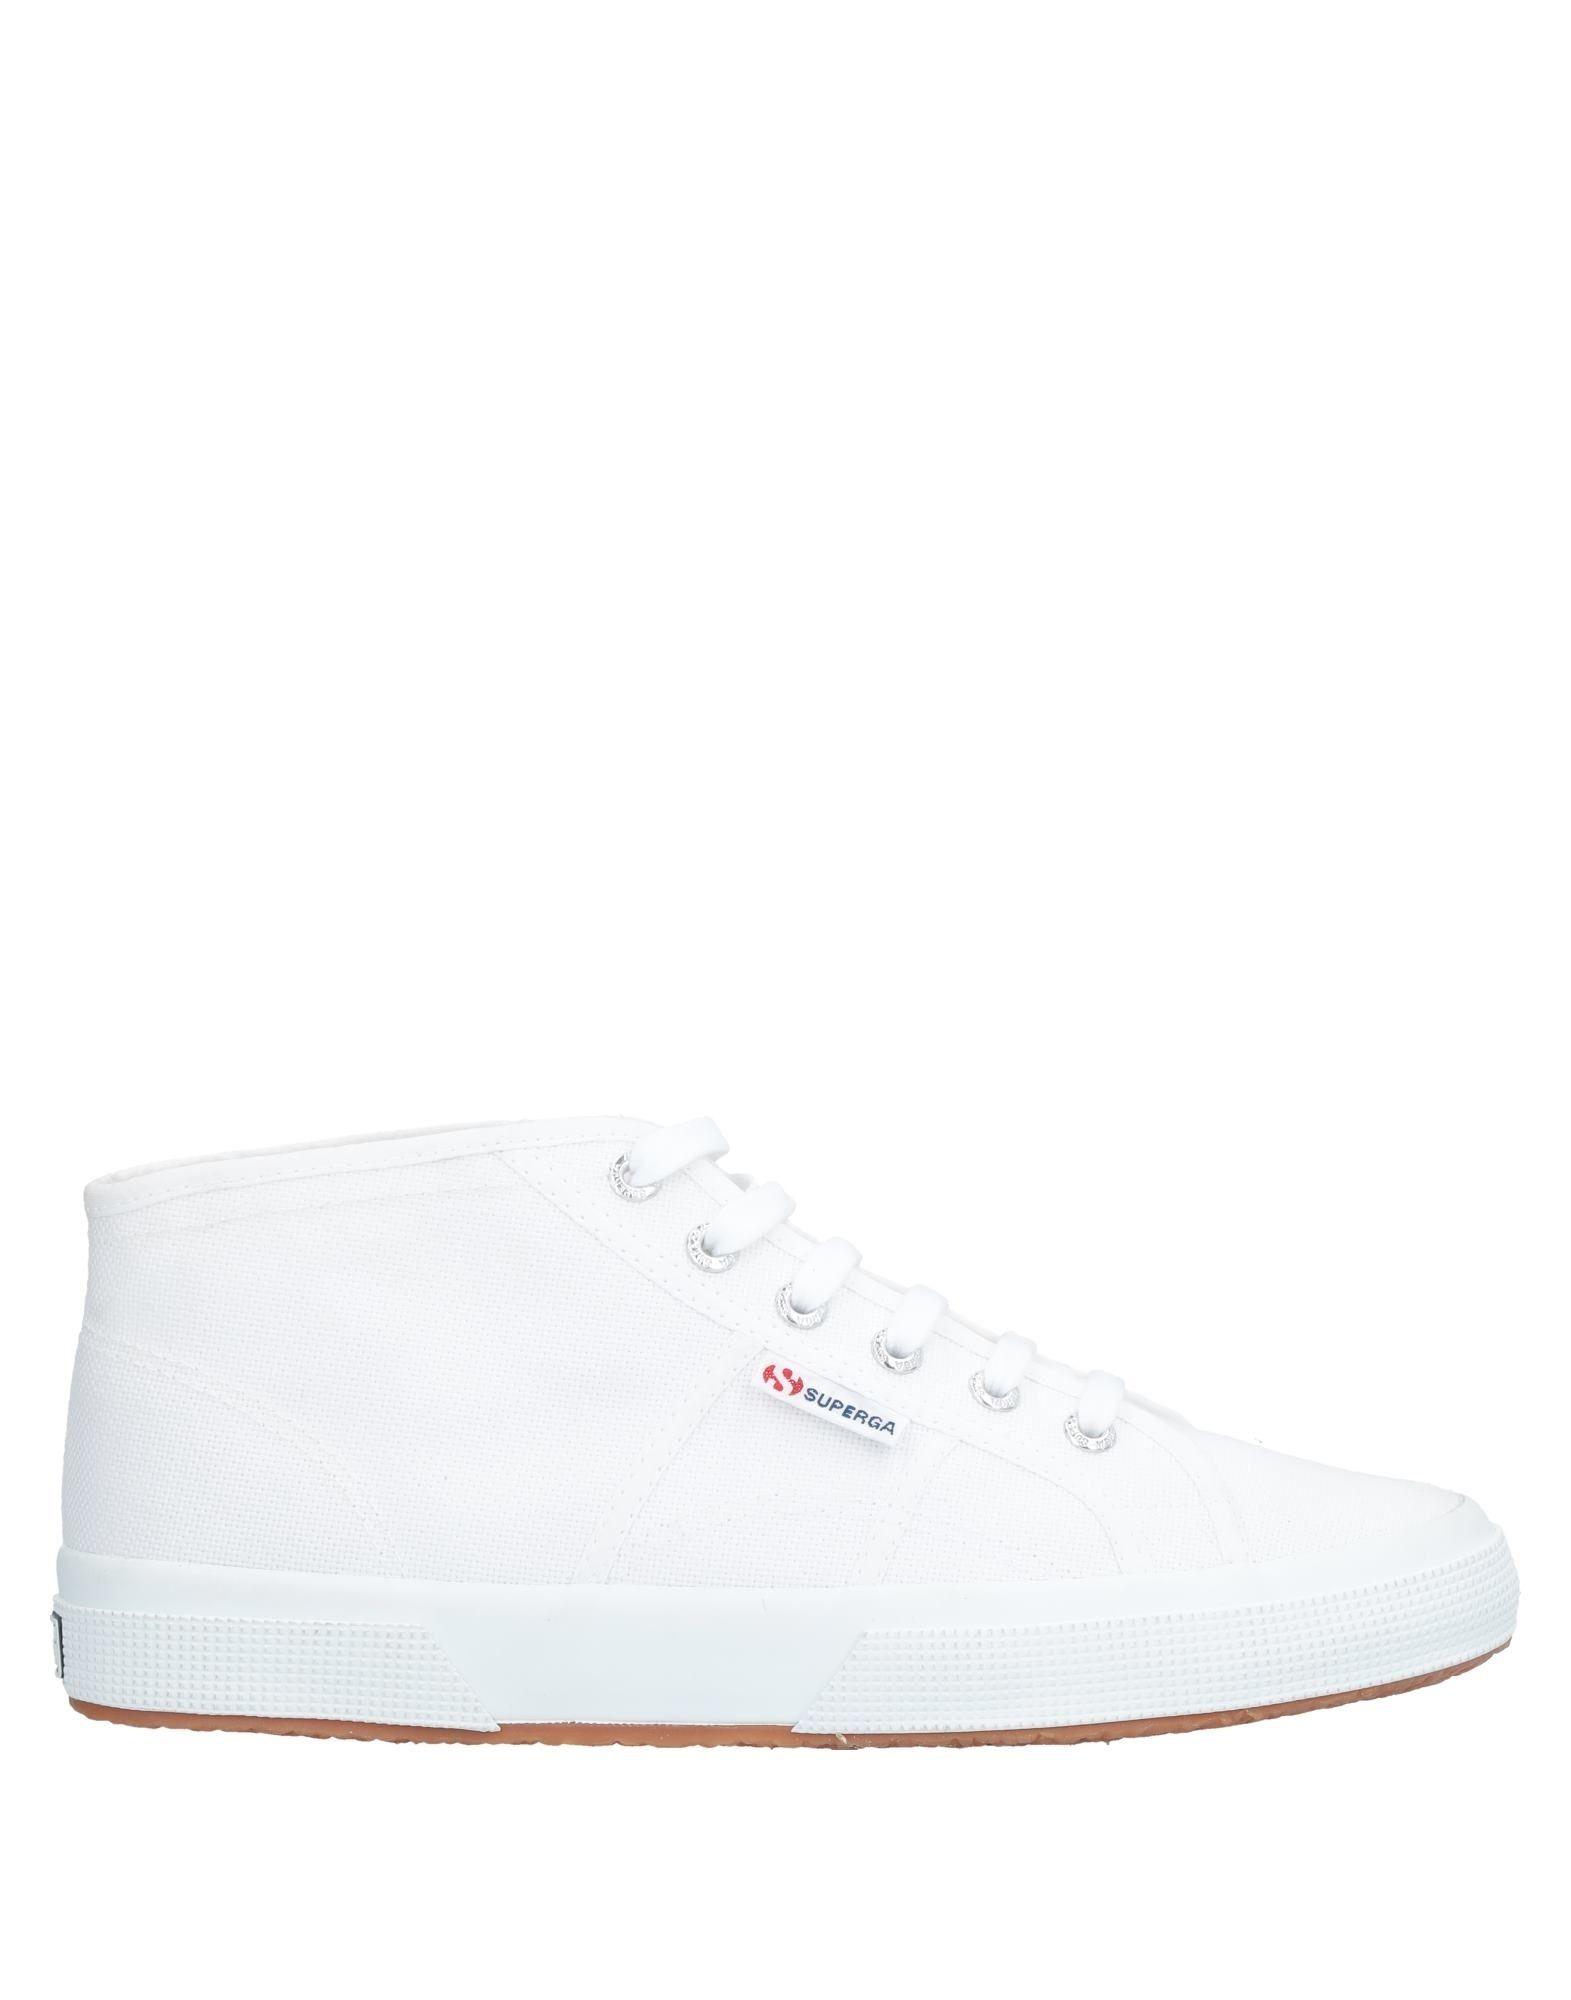 Herren Superga® Sneakers Herren   11533117QH Heiße Schuhe 31b9d1